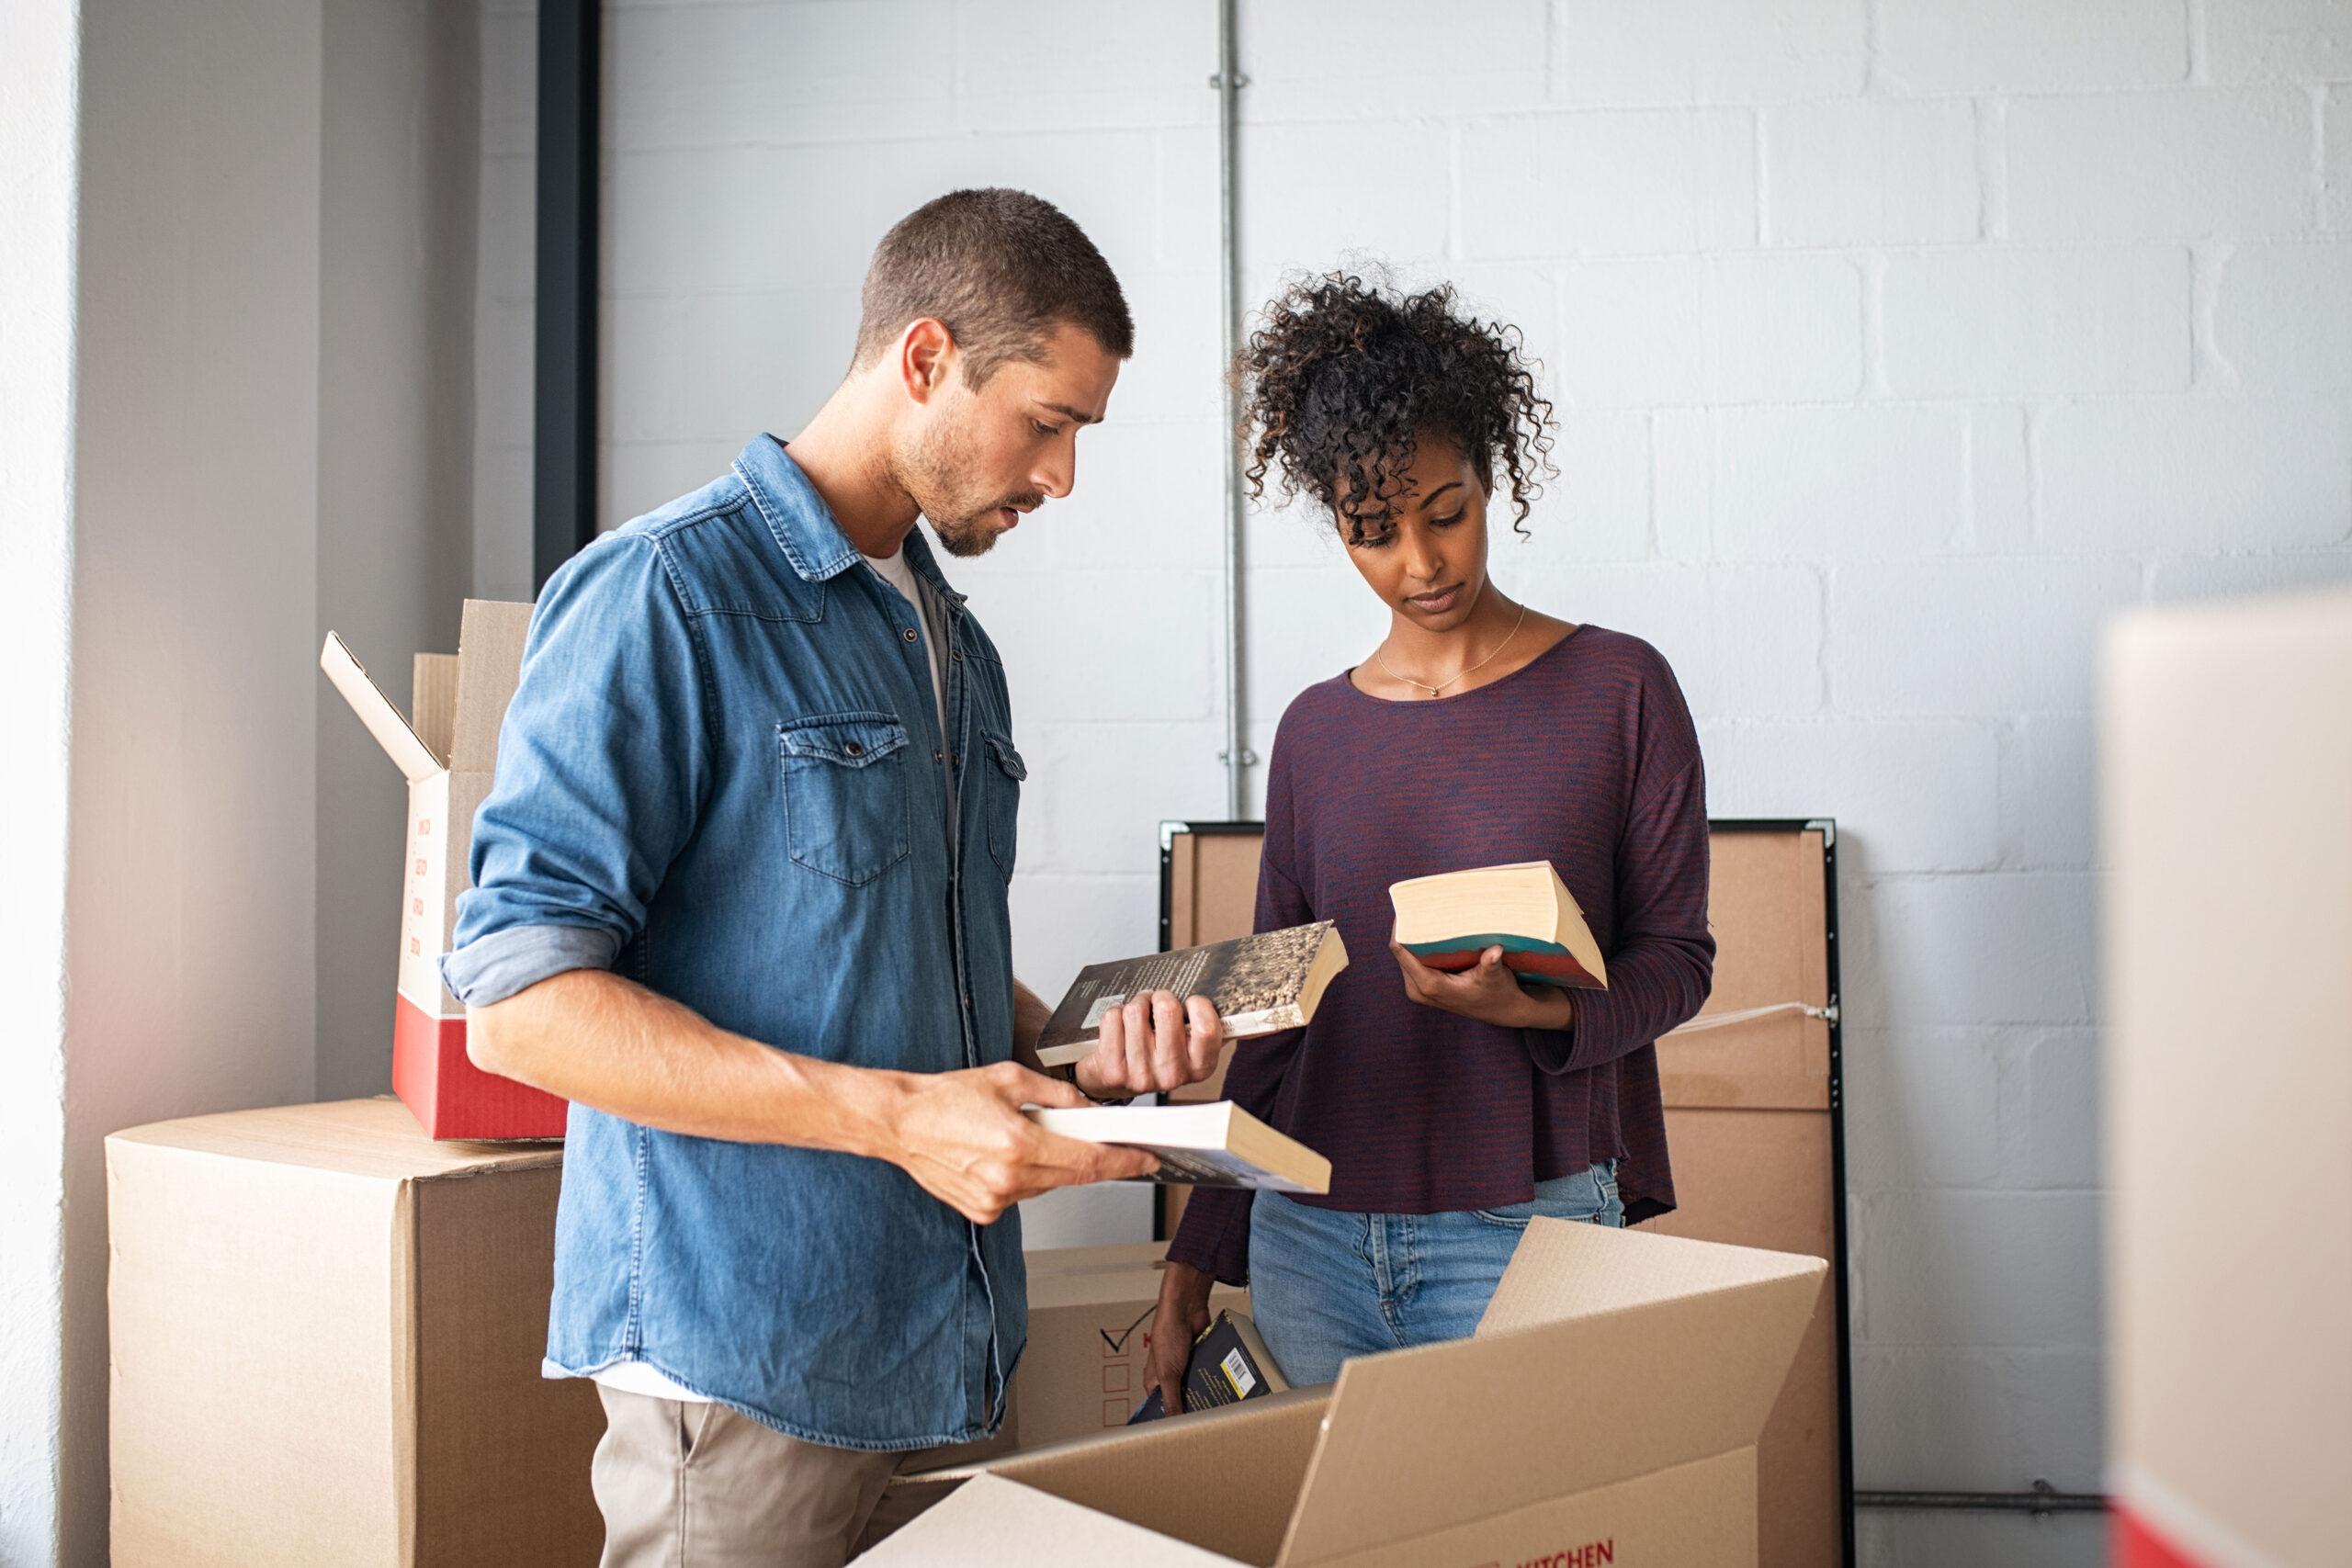 Hvordan skaffe egenkapital til bolig penger tips økonomi